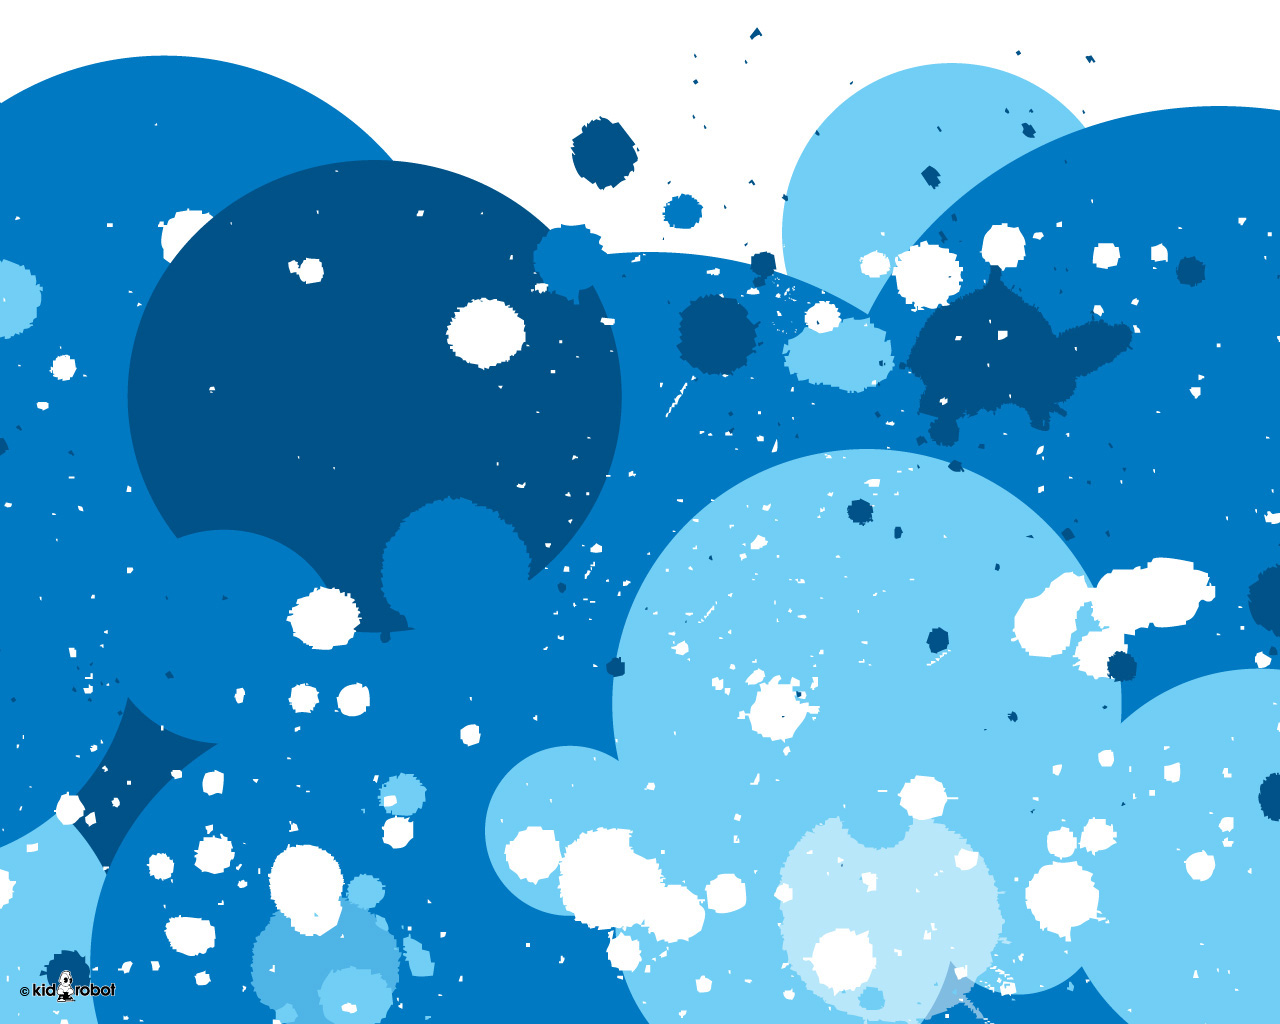 Bubble Blue Wallpapers Kid Robot Bubble Blue Myspace Backgrounds Kid 1280x1024